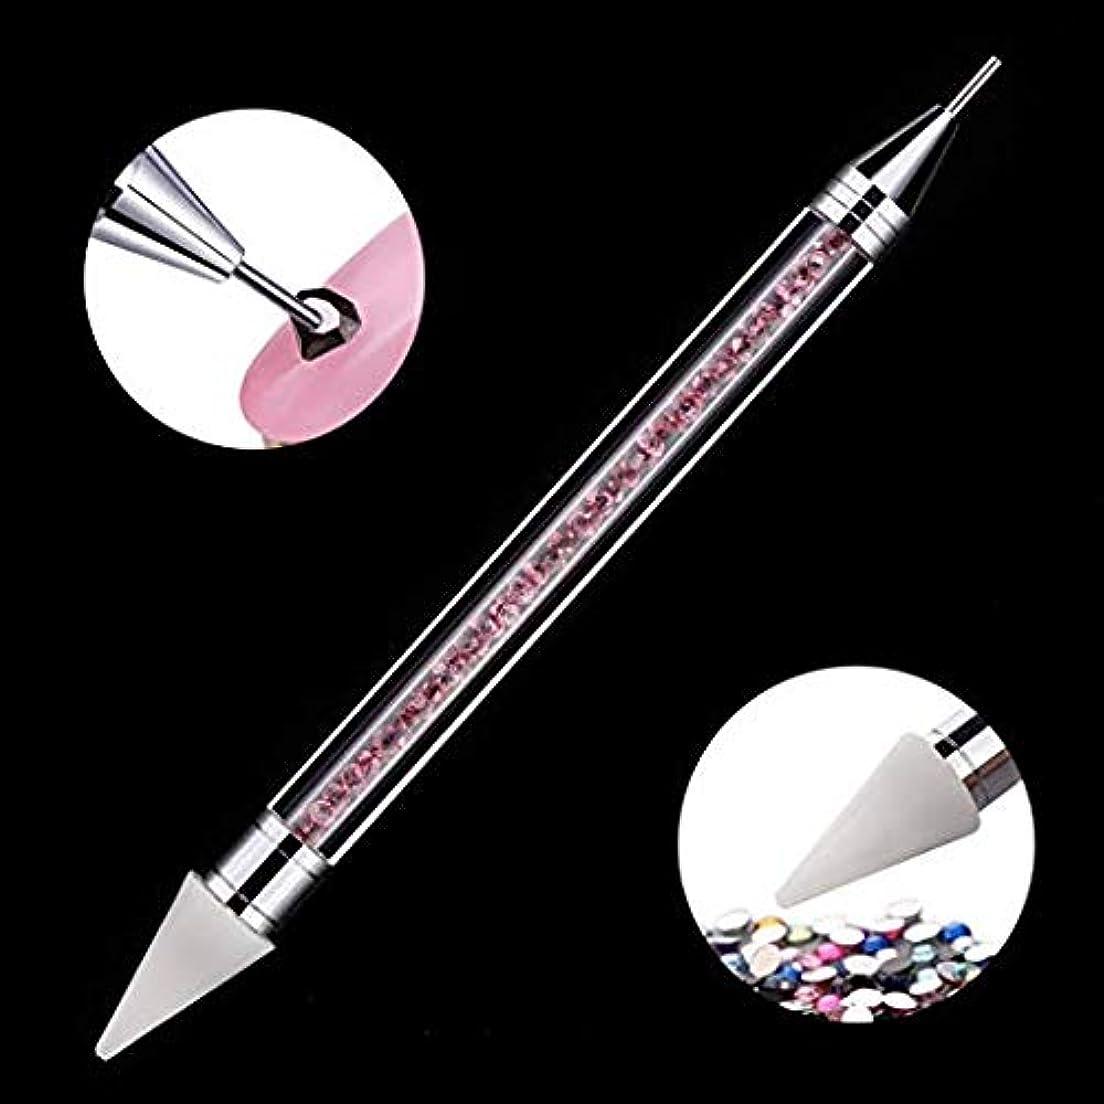 関税実質的に申し立てるMakartt ネイルペン 掘削 ネイル点在ペン マニキュアツール ペン ラインストーン クリスタル ネイルアート (02)